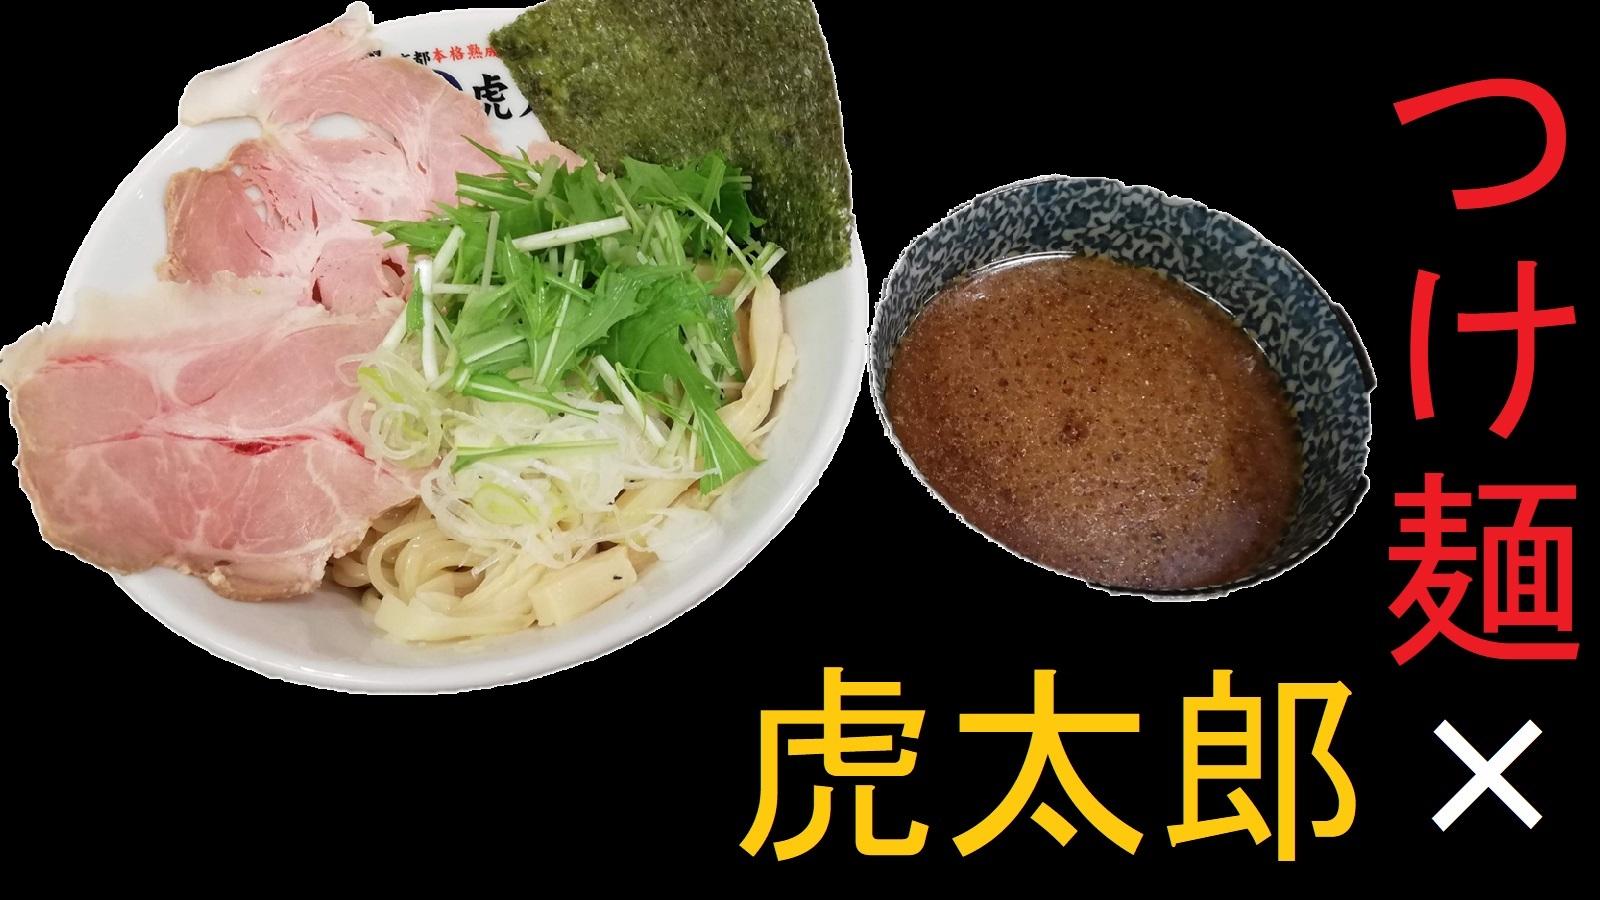 虎太郎のつけ麺のアイキャッチ画像